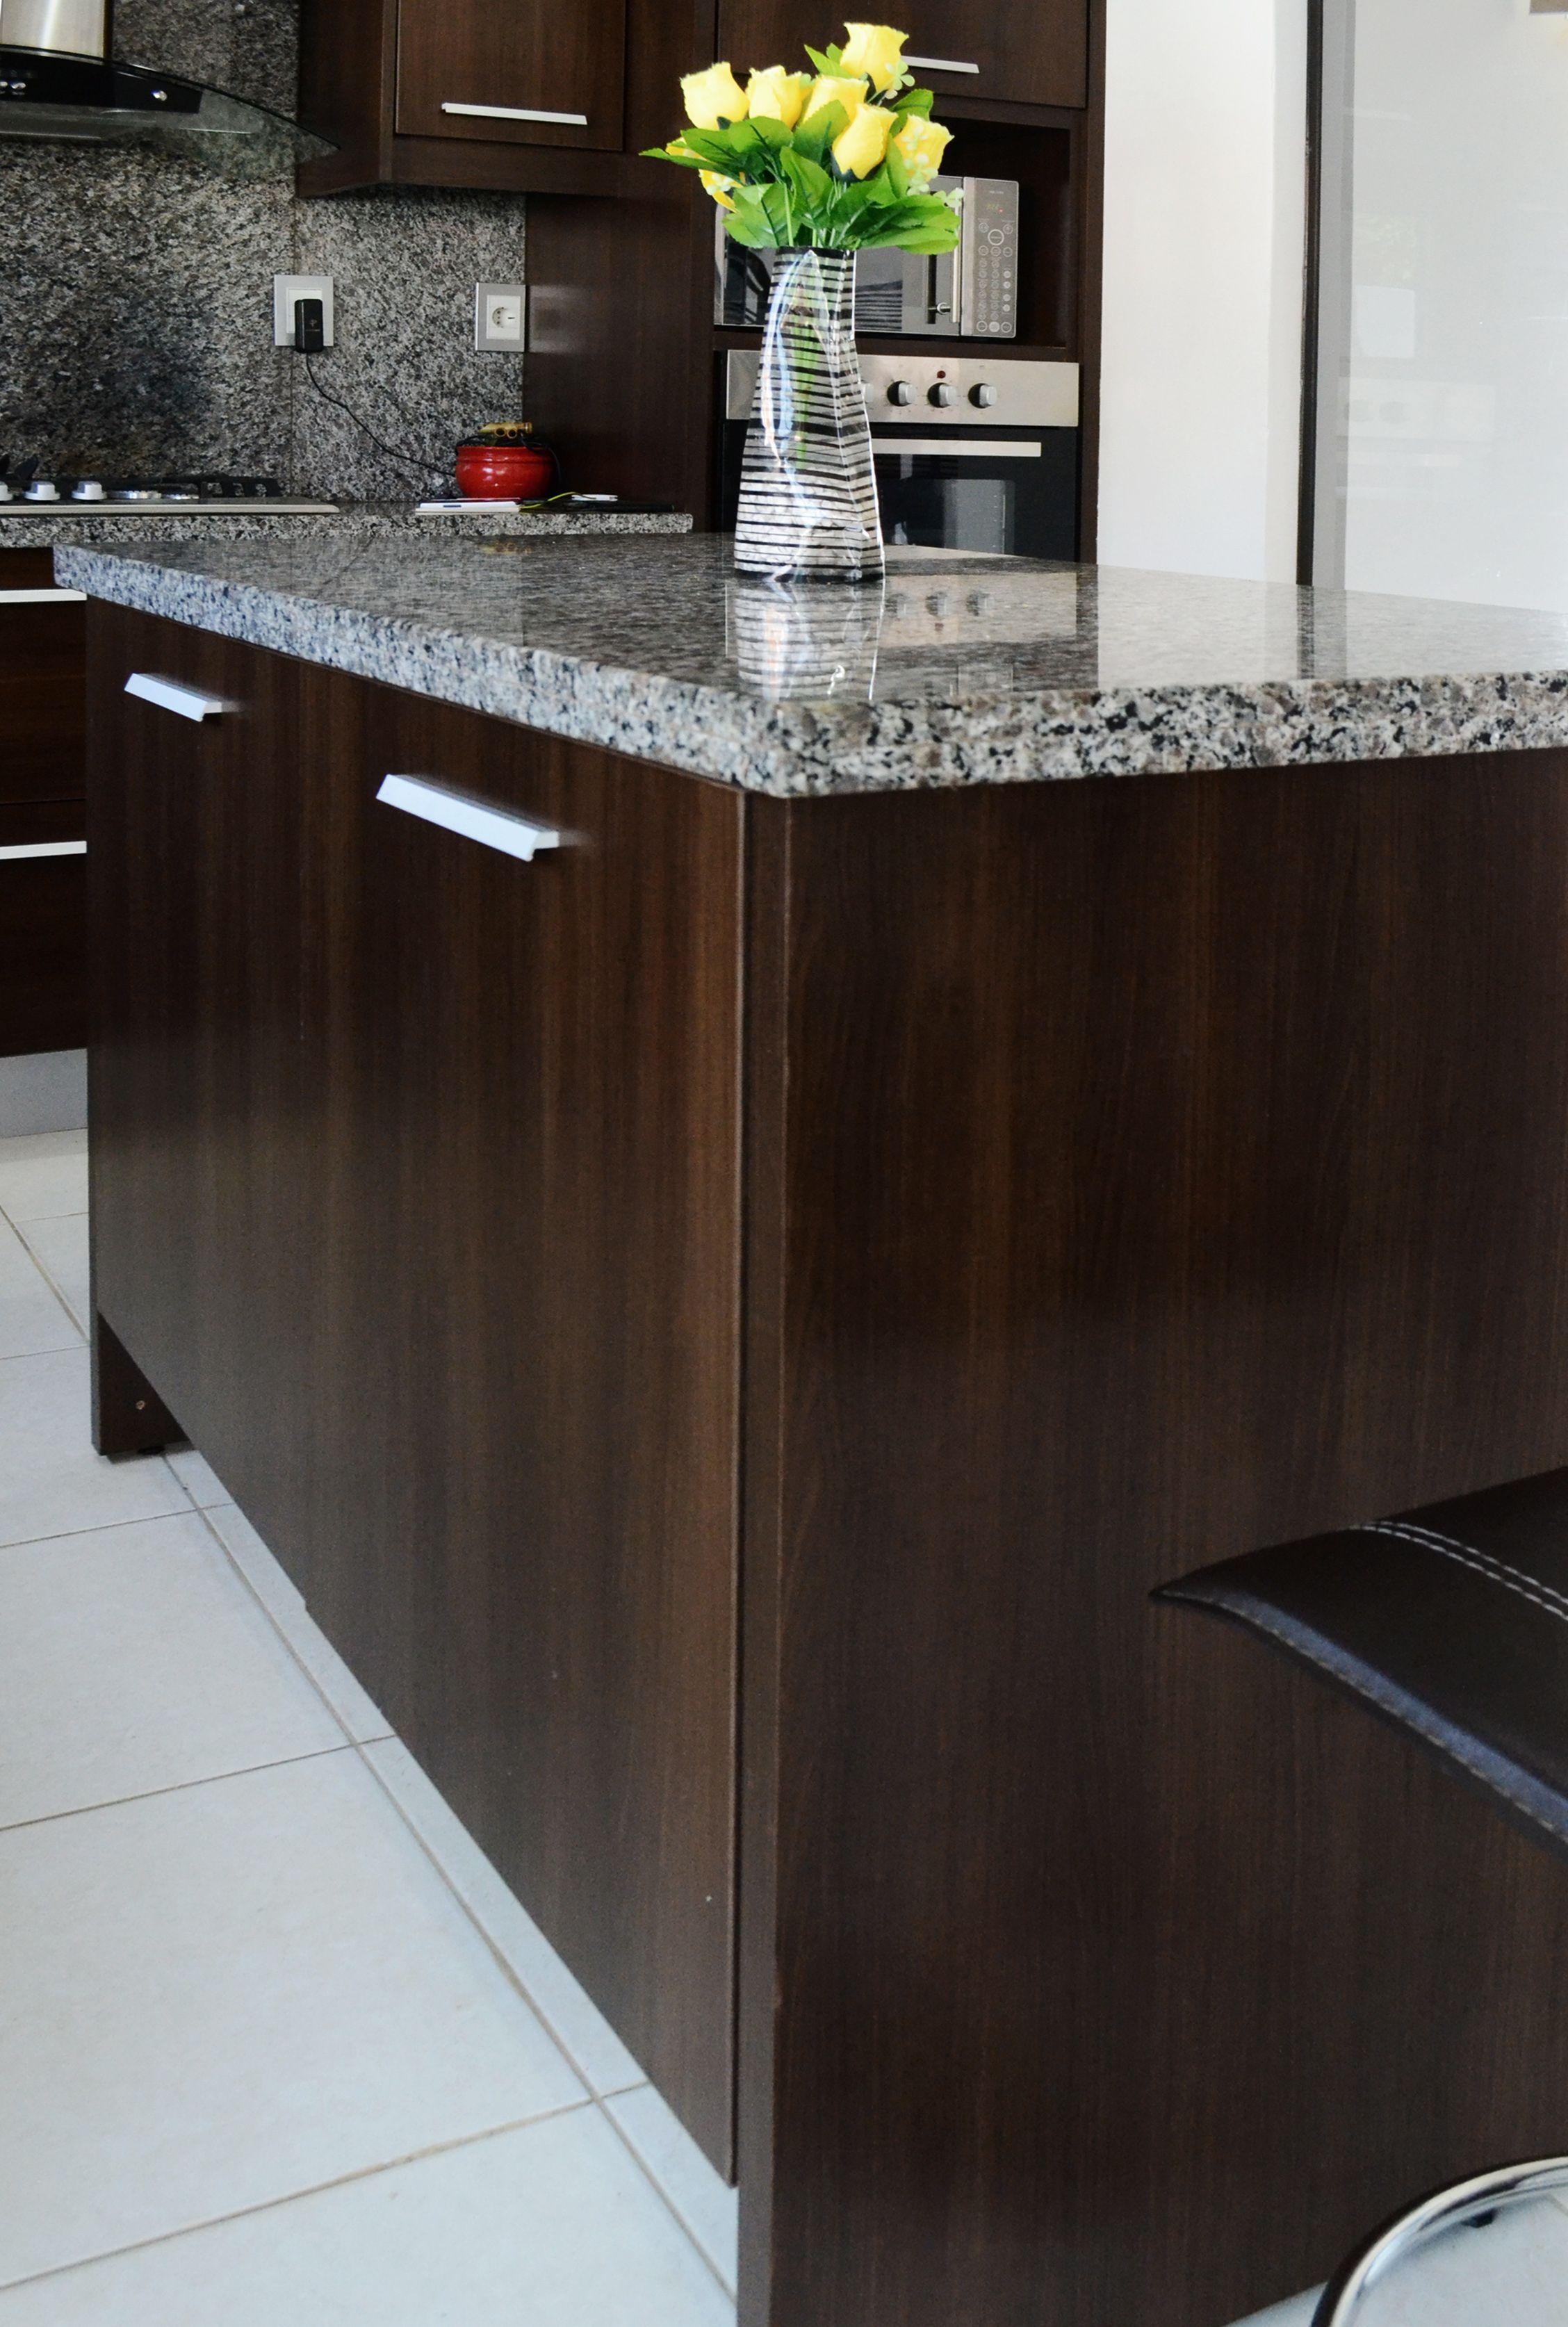 Isla con mesada de granito nuestros trabajos pinterest for Cocinas con granito